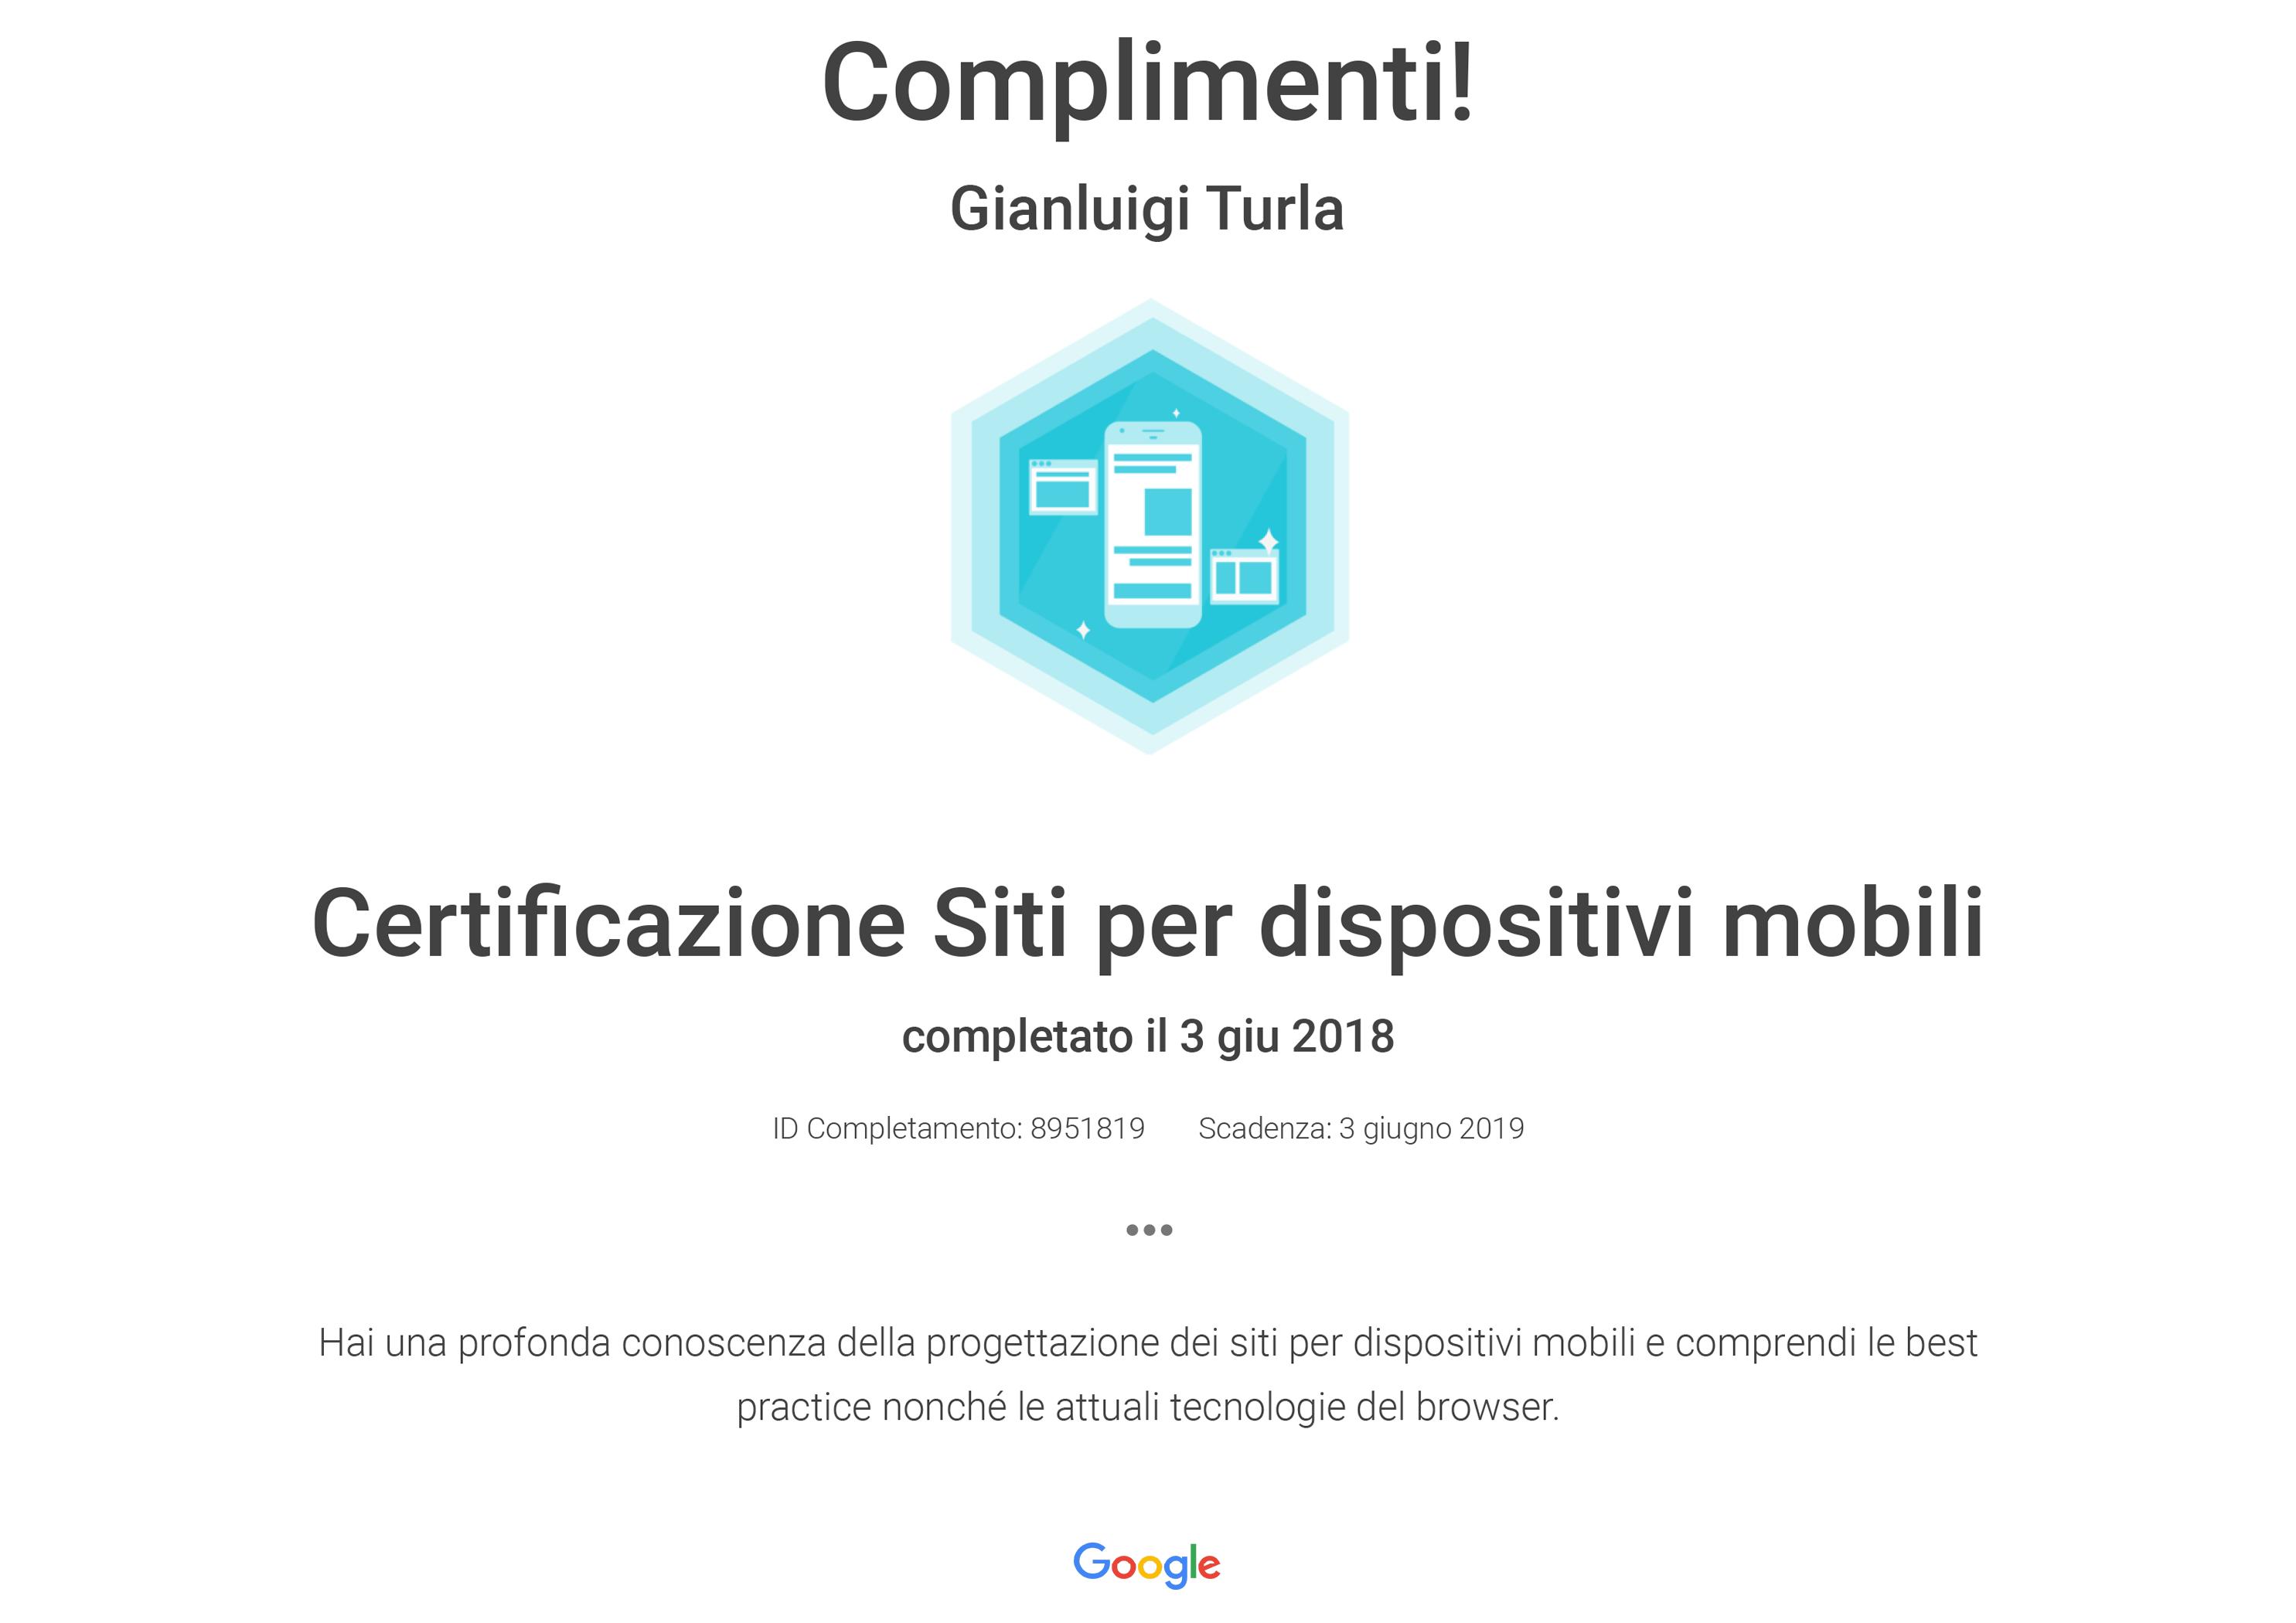 Certificazione siti per dispositivi mobili degvoice s r l for Siti per mobili